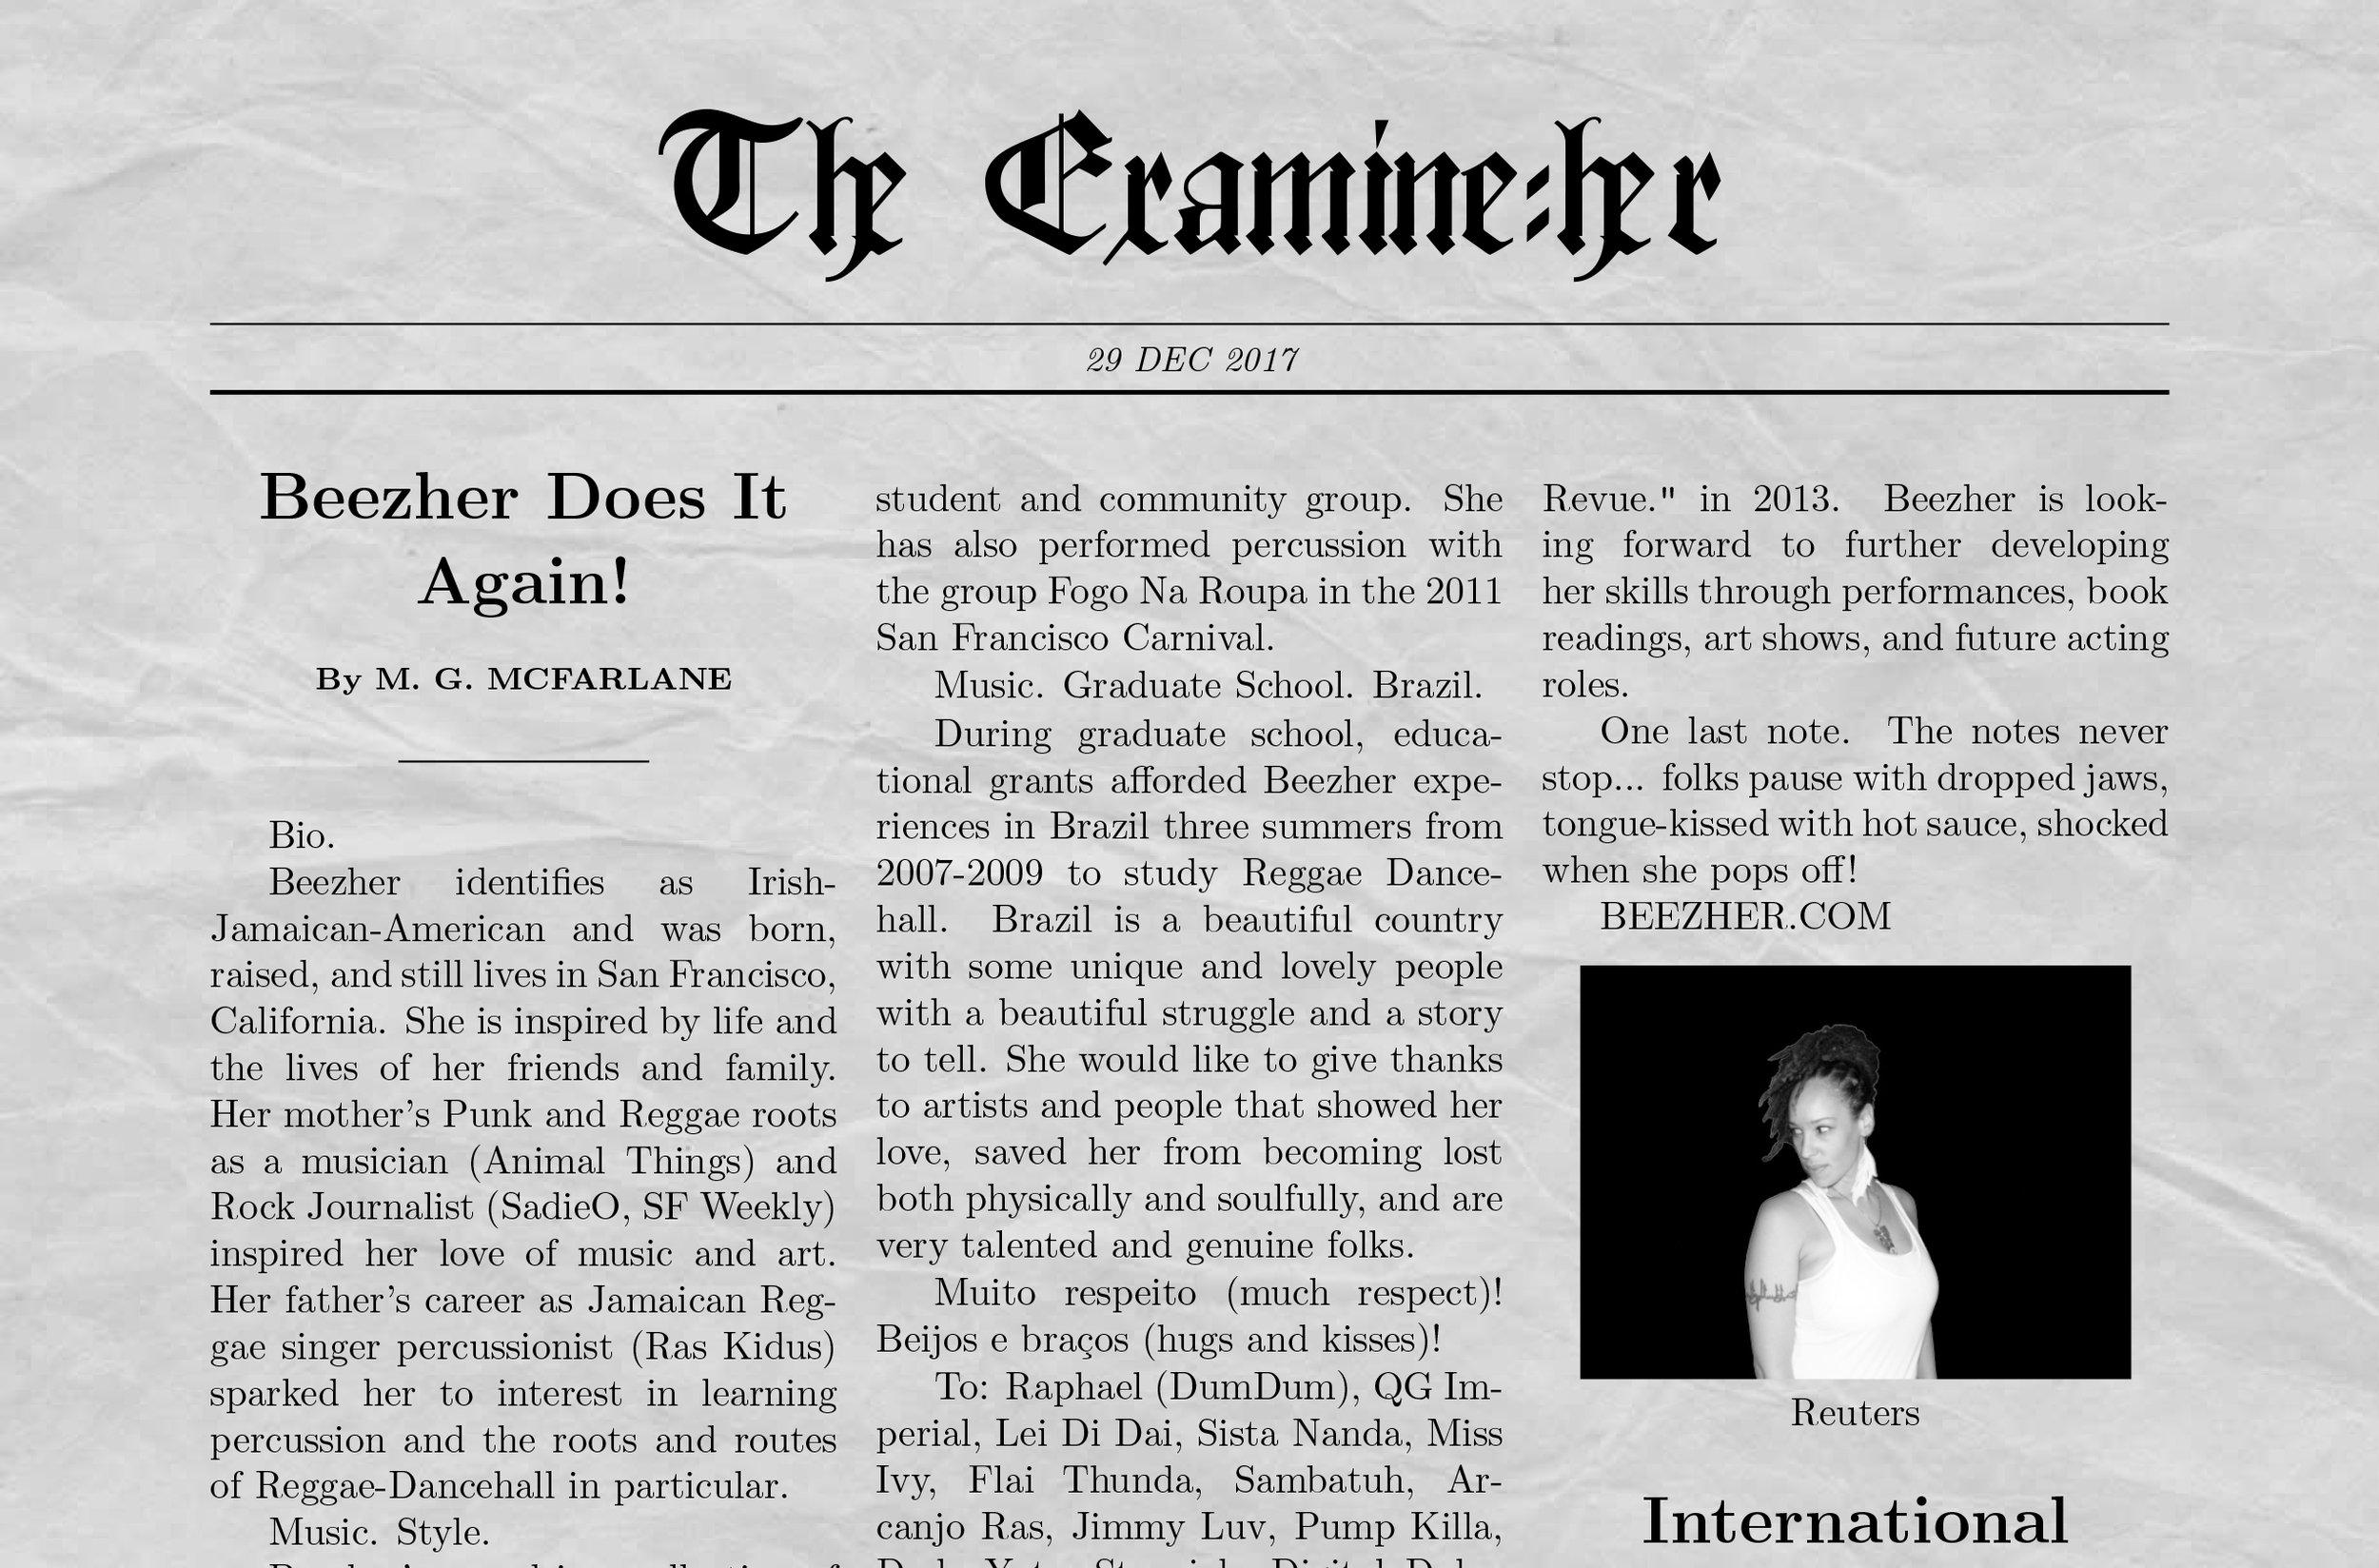 The Examine-her.jpg